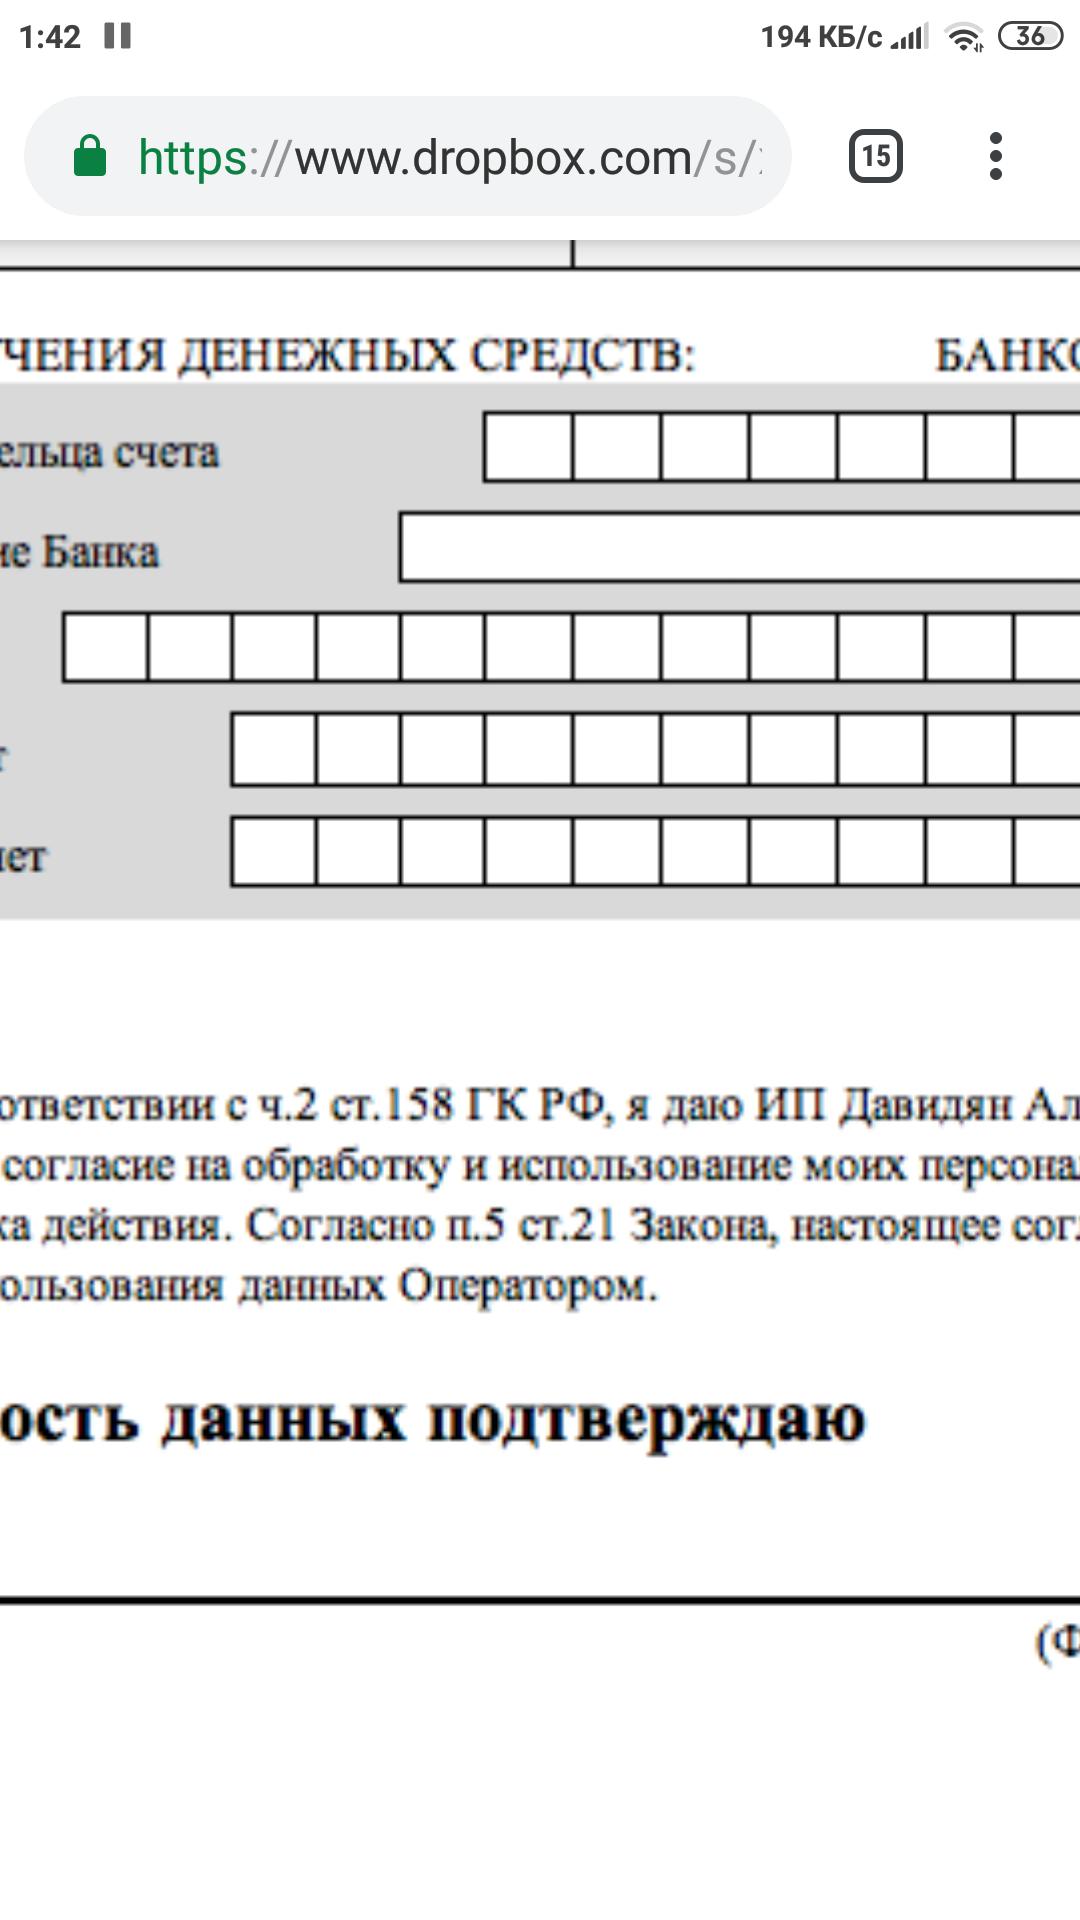 5cf451545eb16611800940.png